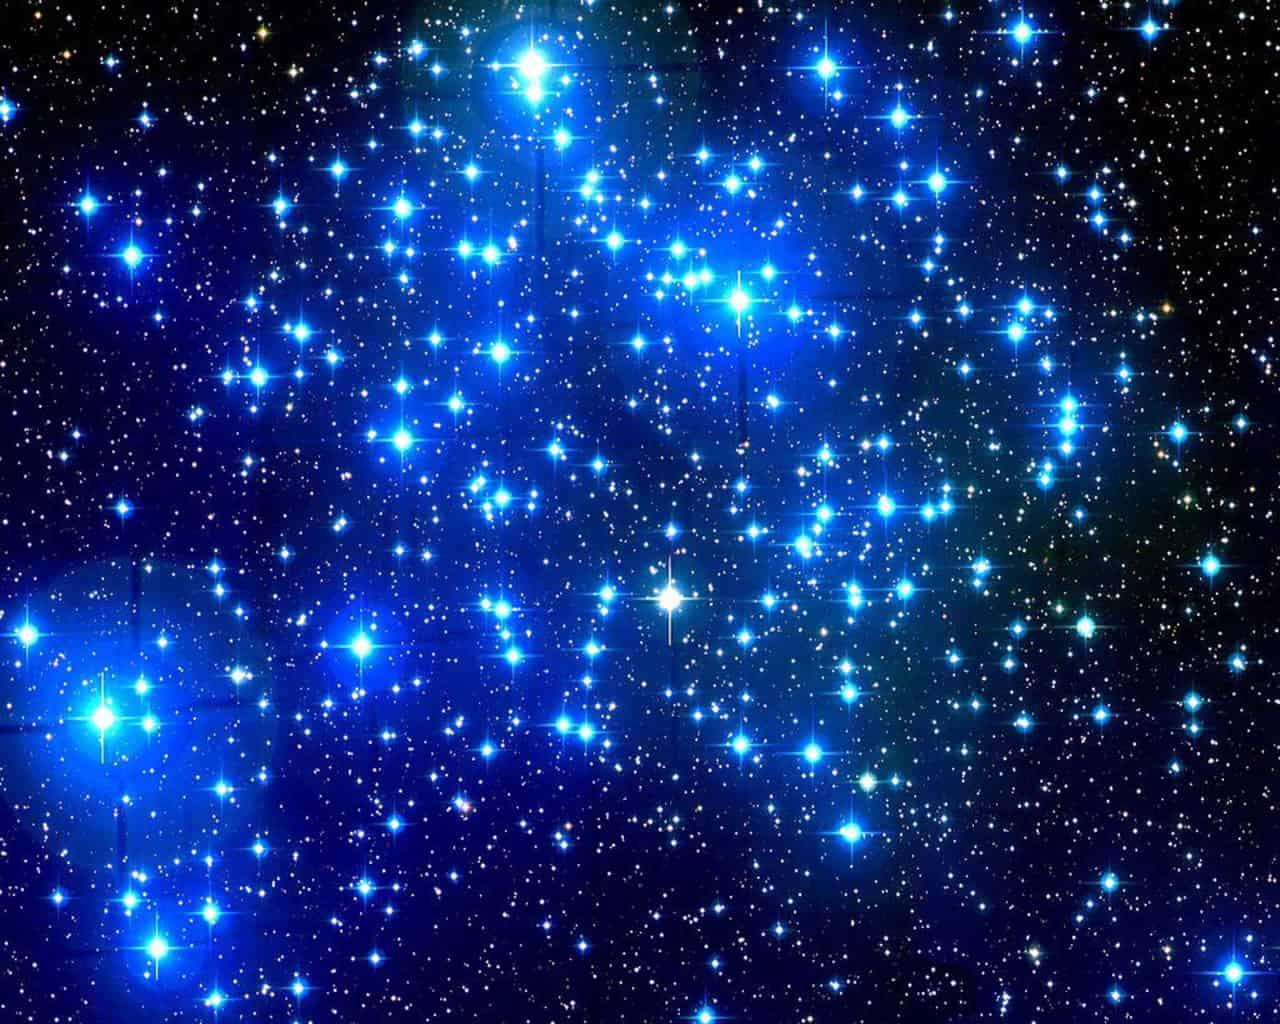 Зоология созвездий 6 5